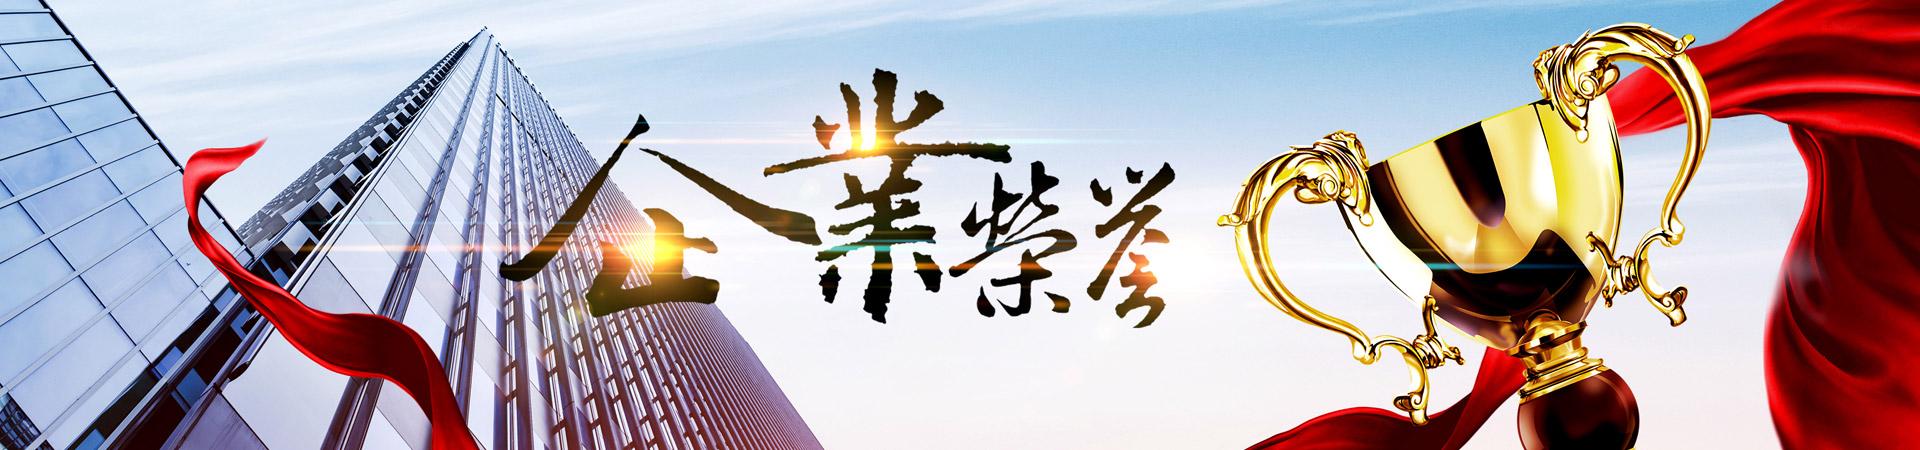 上海明珠企業集團有限公司榮譽資質